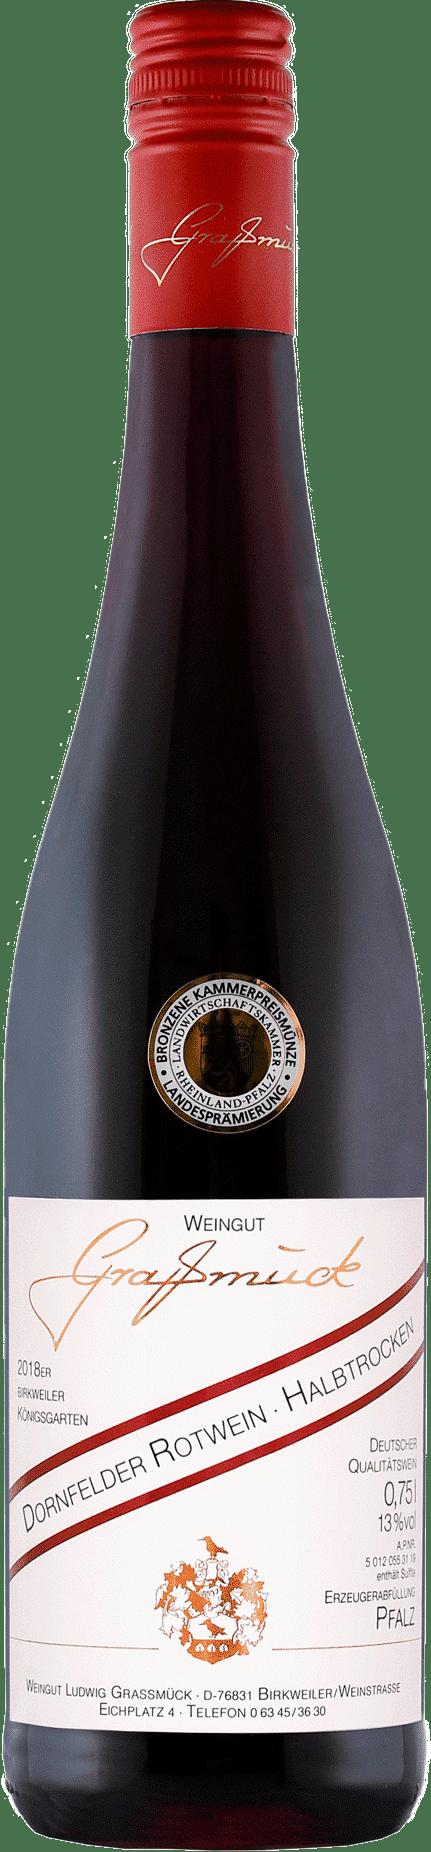 Weingut Ludwig Graßmück, Simon Graßmück, Dornfelder, Trocken